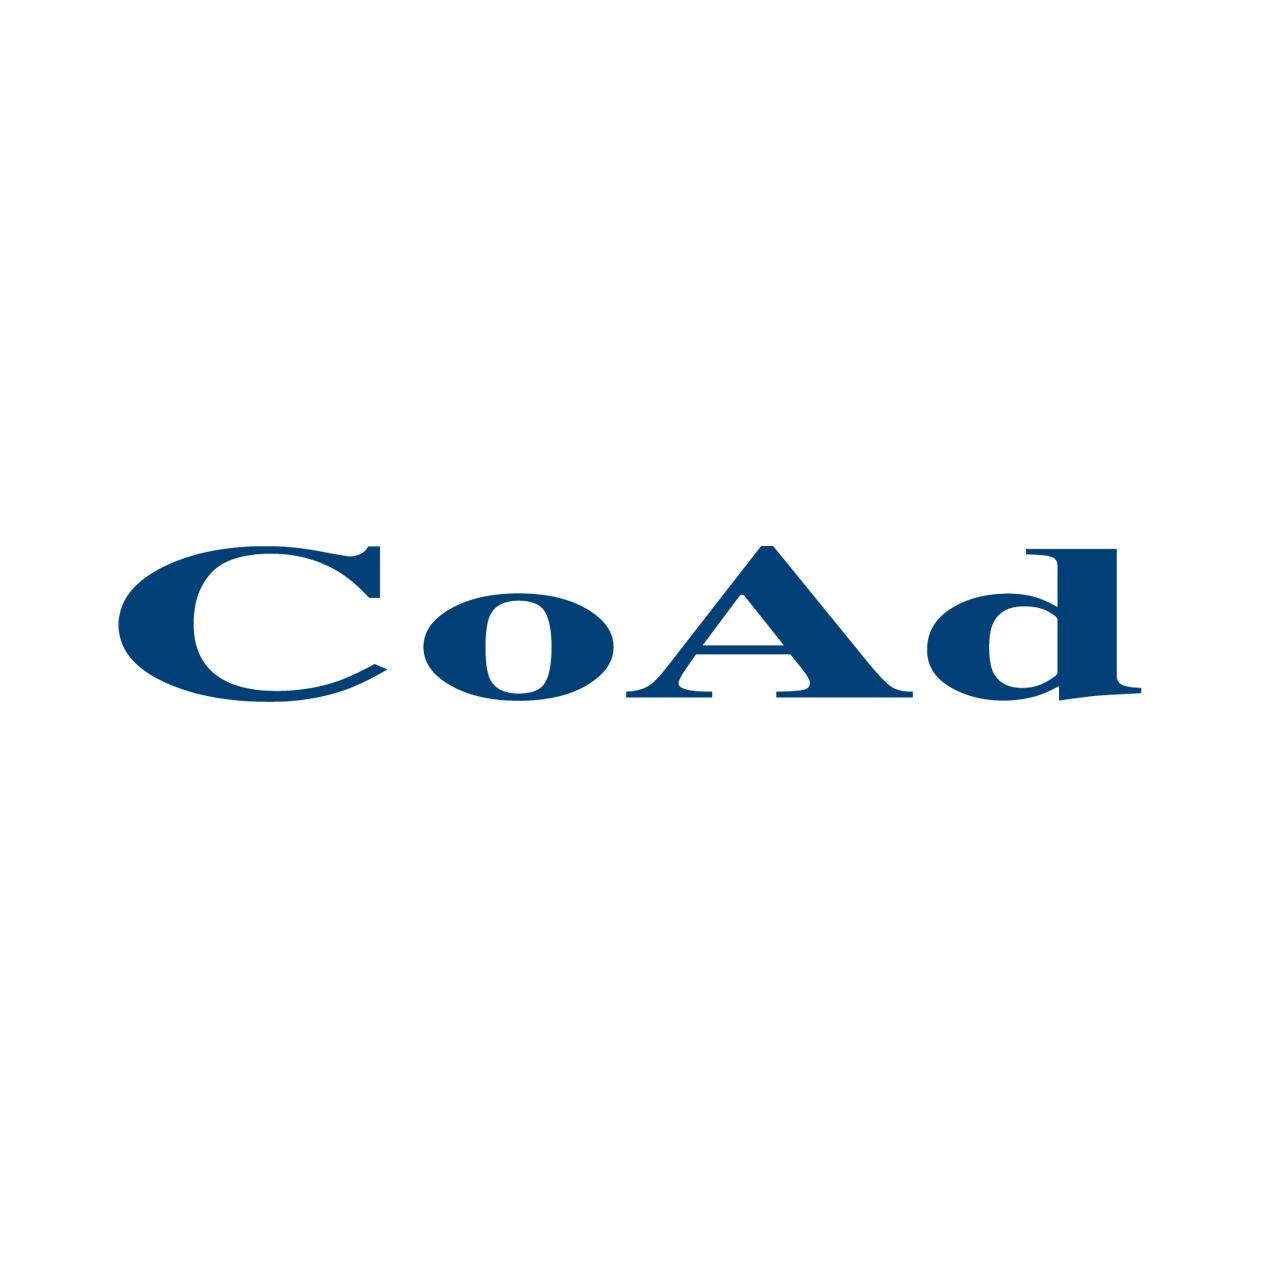 株式会社コーアド / Coad